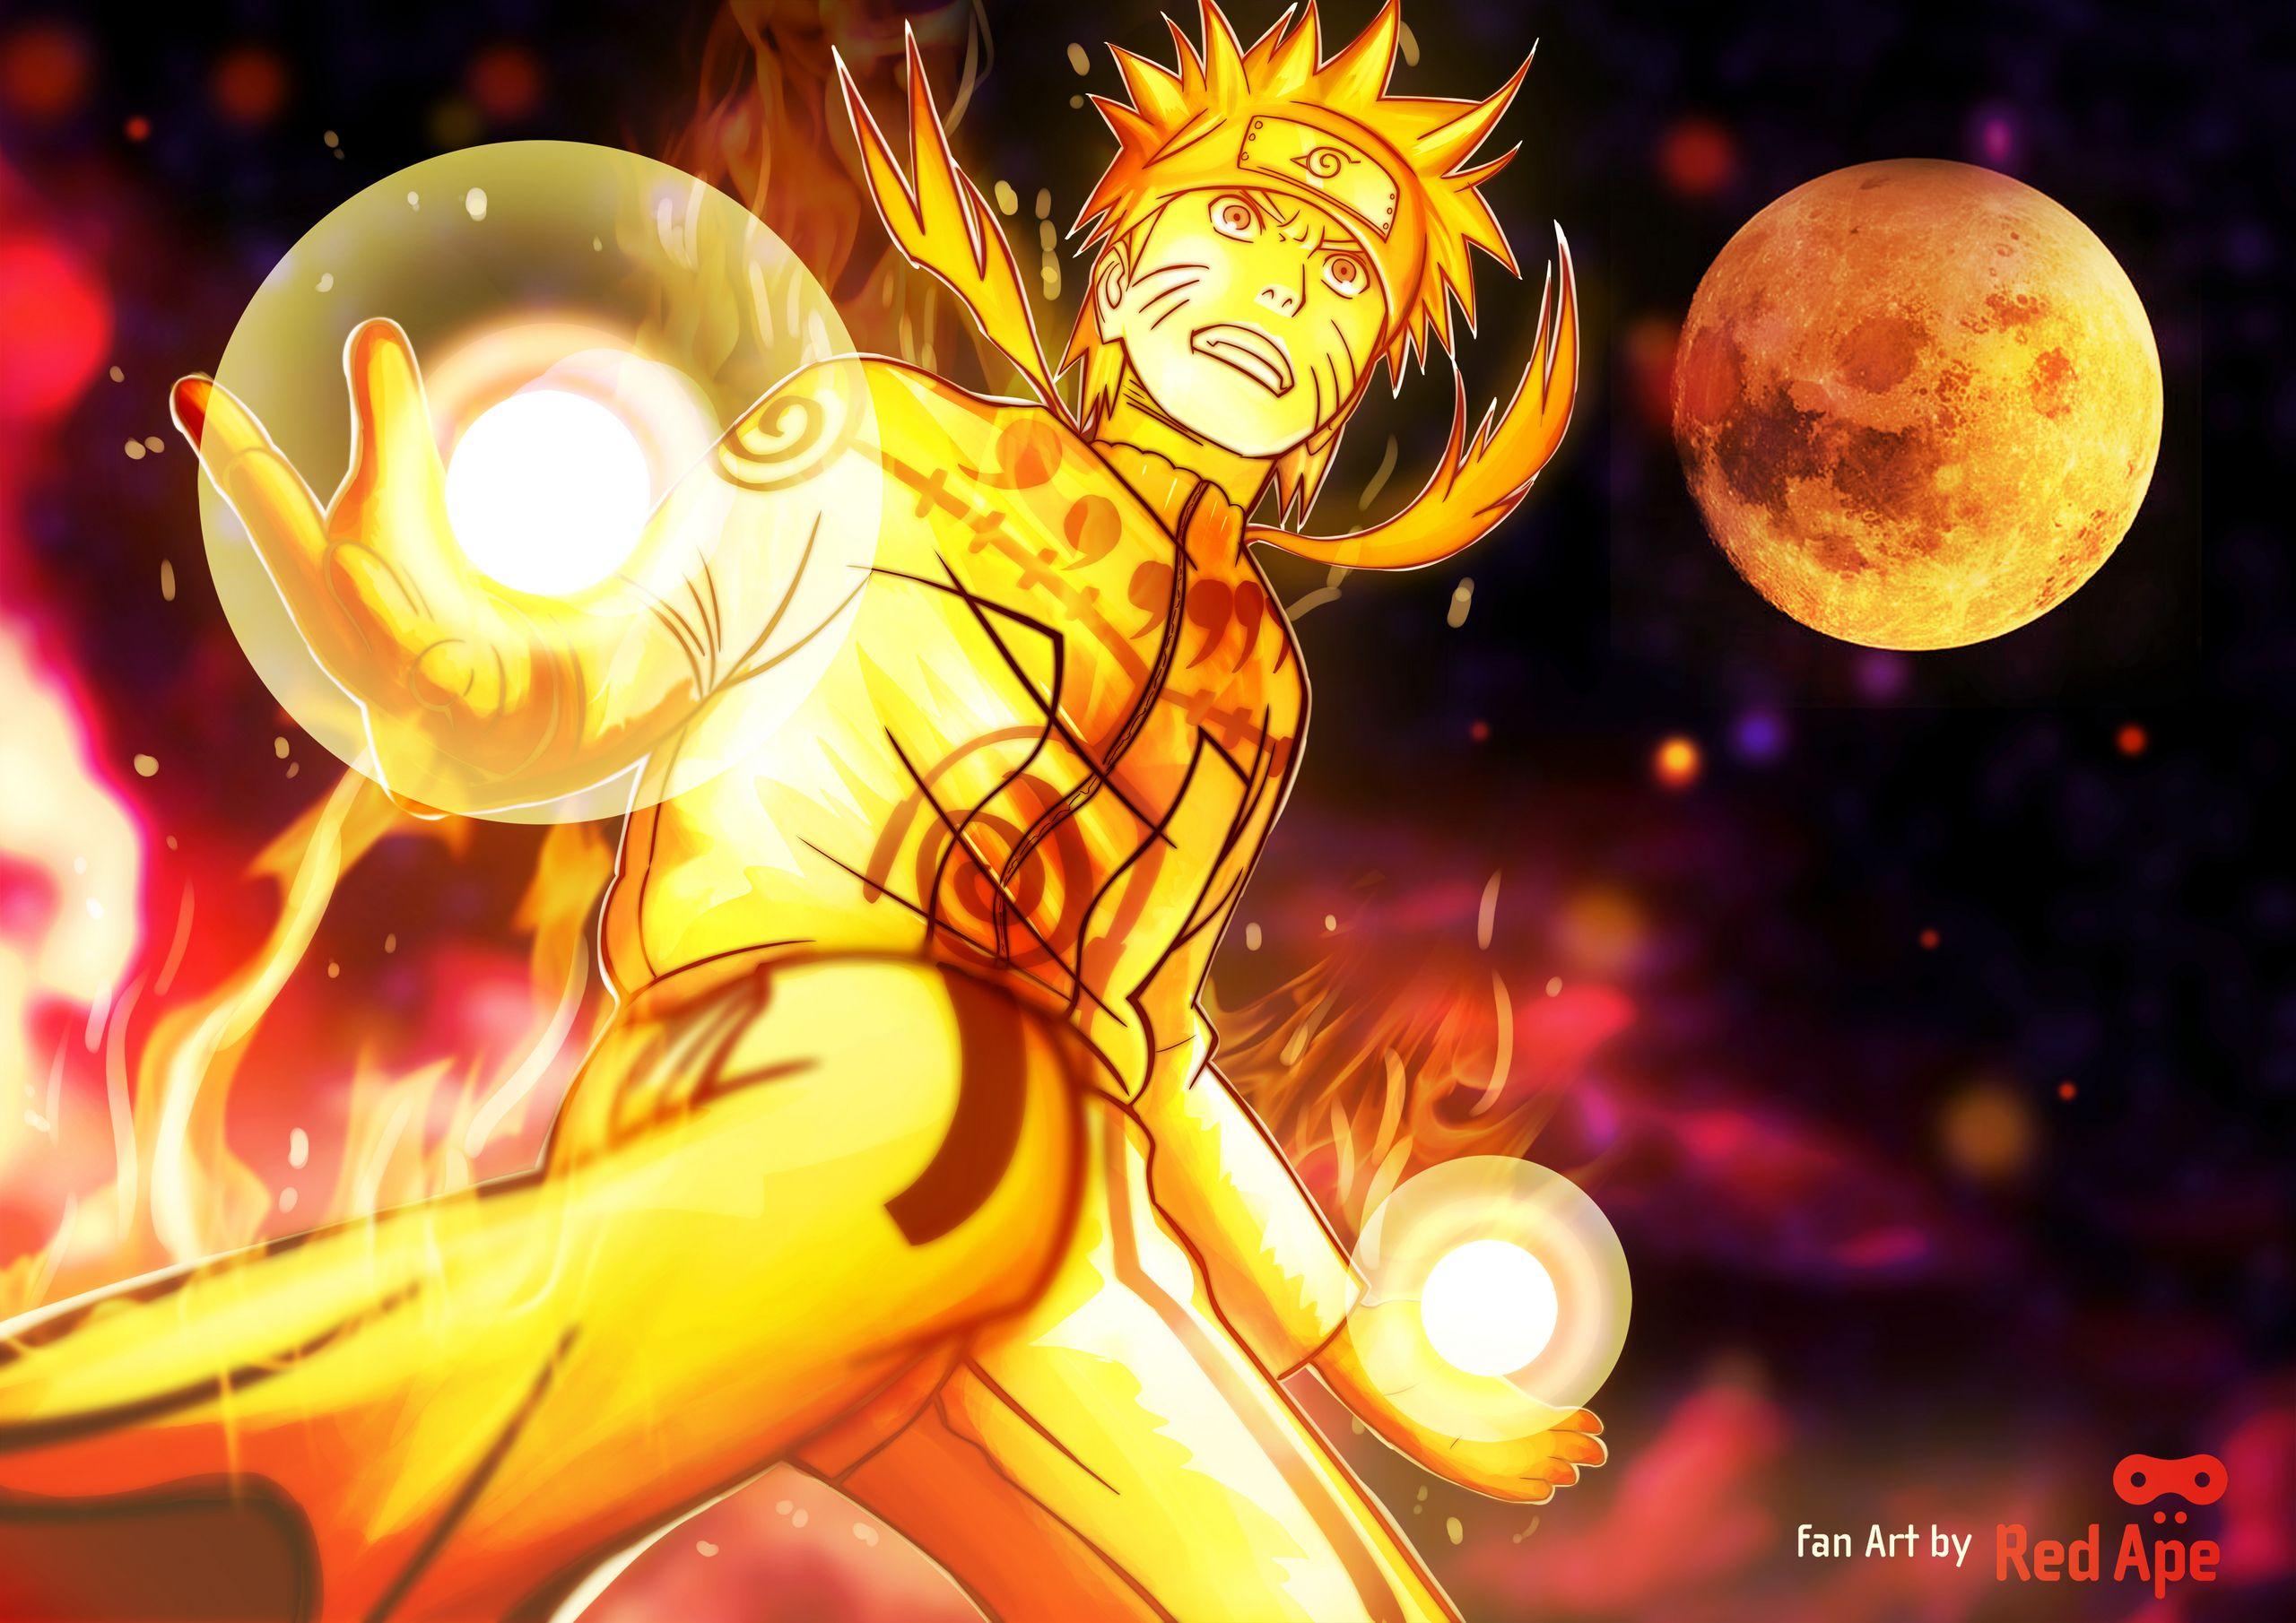 Awesome Naruto Image With Images Naruto Images Naruto Nine